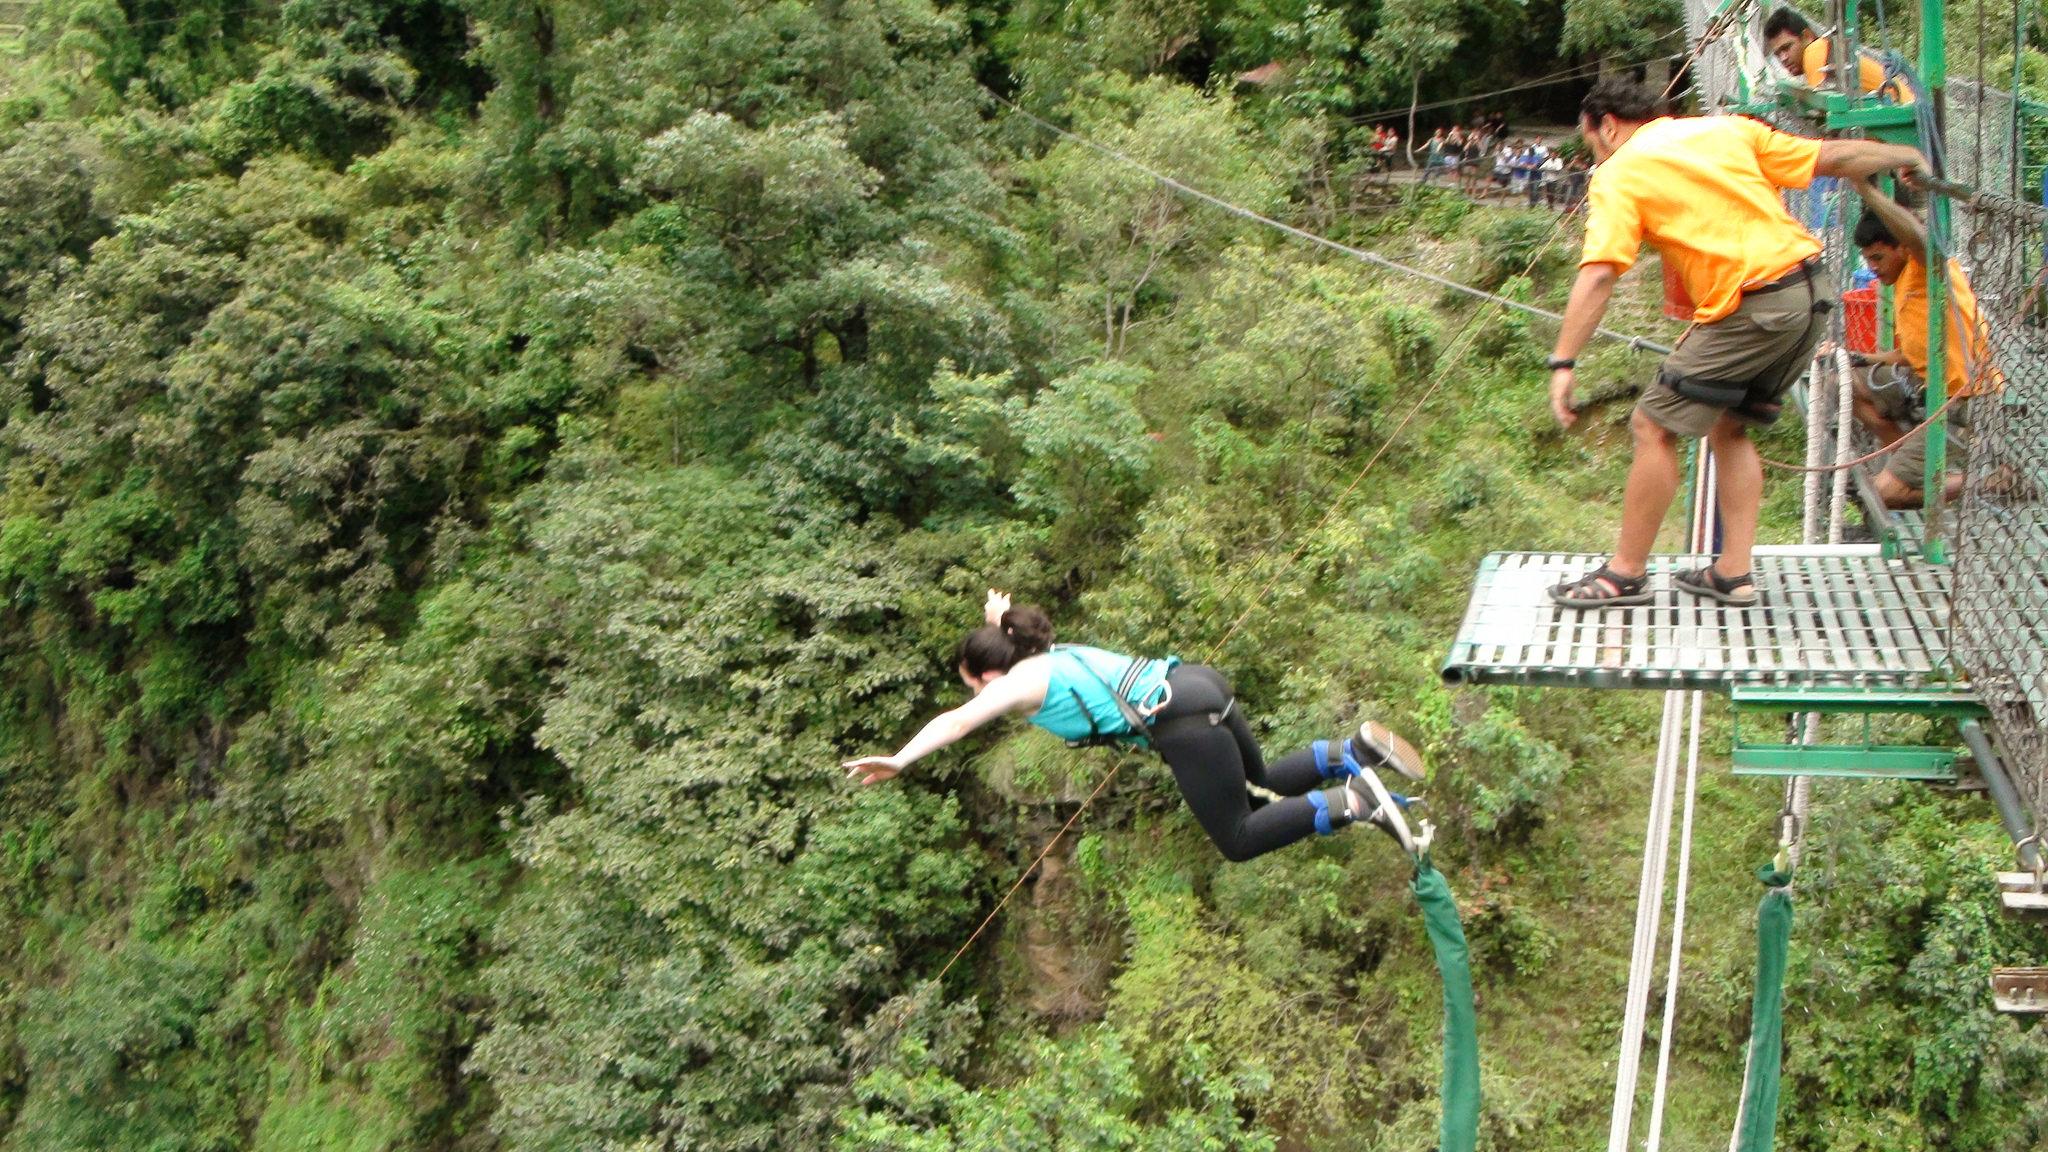 Nepal Adventure Tour 9 days